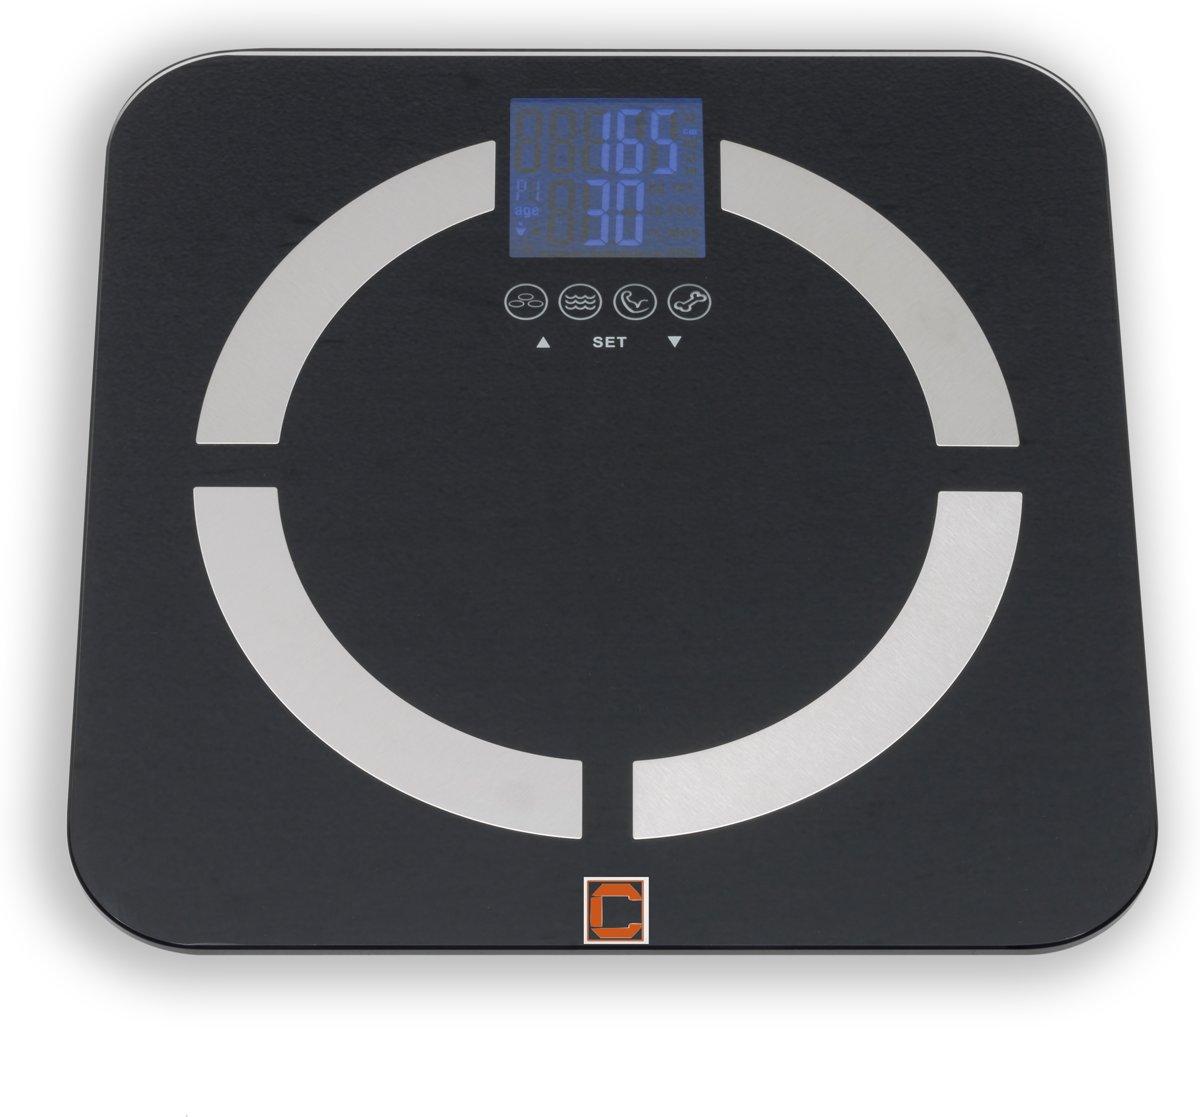 CRESTA CBS350 180KGS - Personenweegschaal met lichaam & BMI analyze